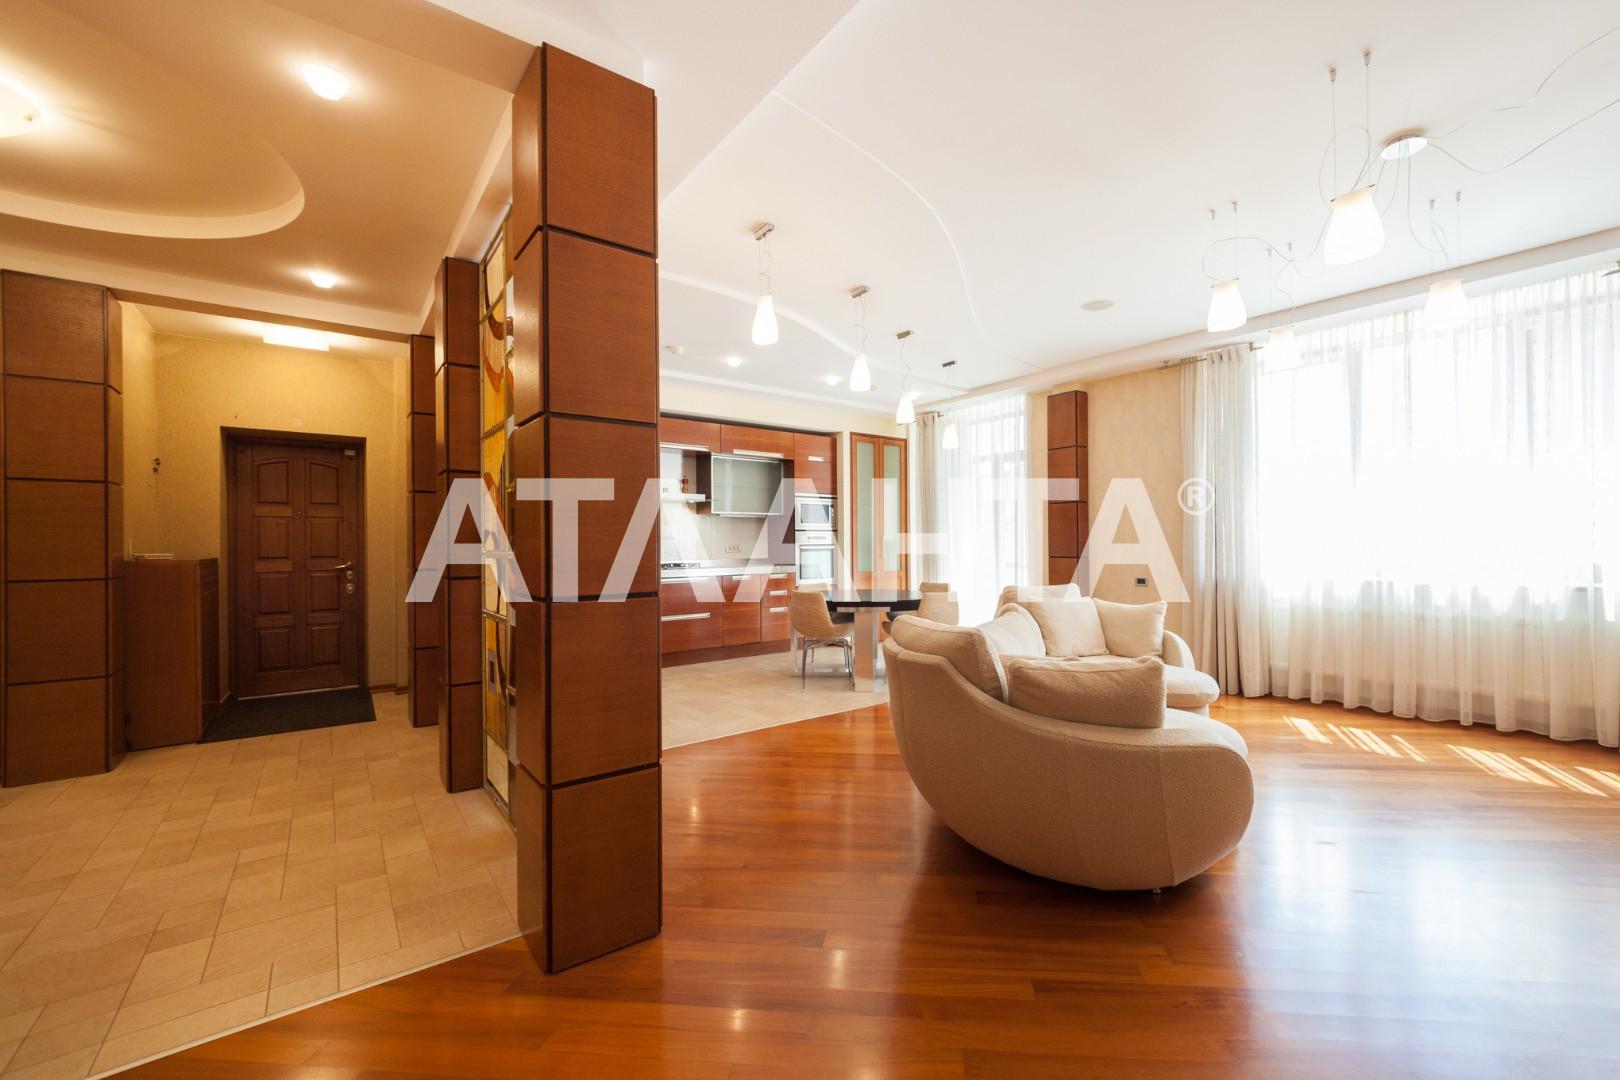 Продается 3-комнатная Квартира на ул. Педагогический Пер. — 195 000 у.е. (фото №3)